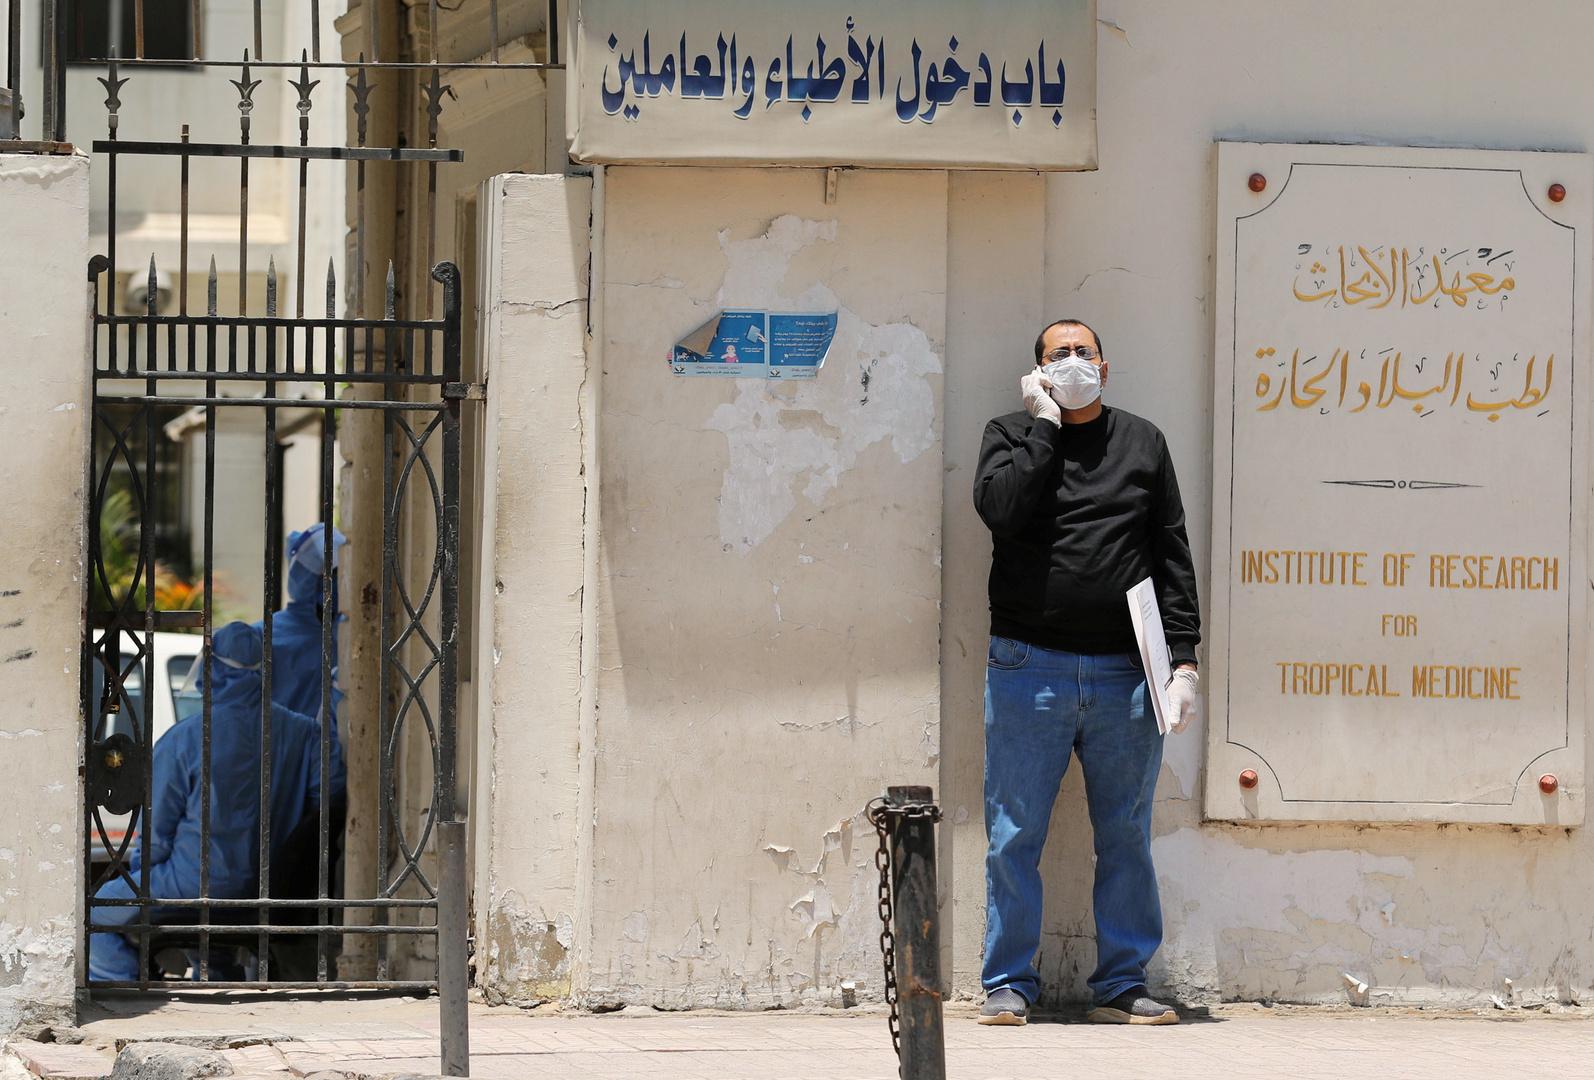 وزارة الصحة المصرية: تسجيل 34 وفاة و1289 إصابة بفيروس كورونا